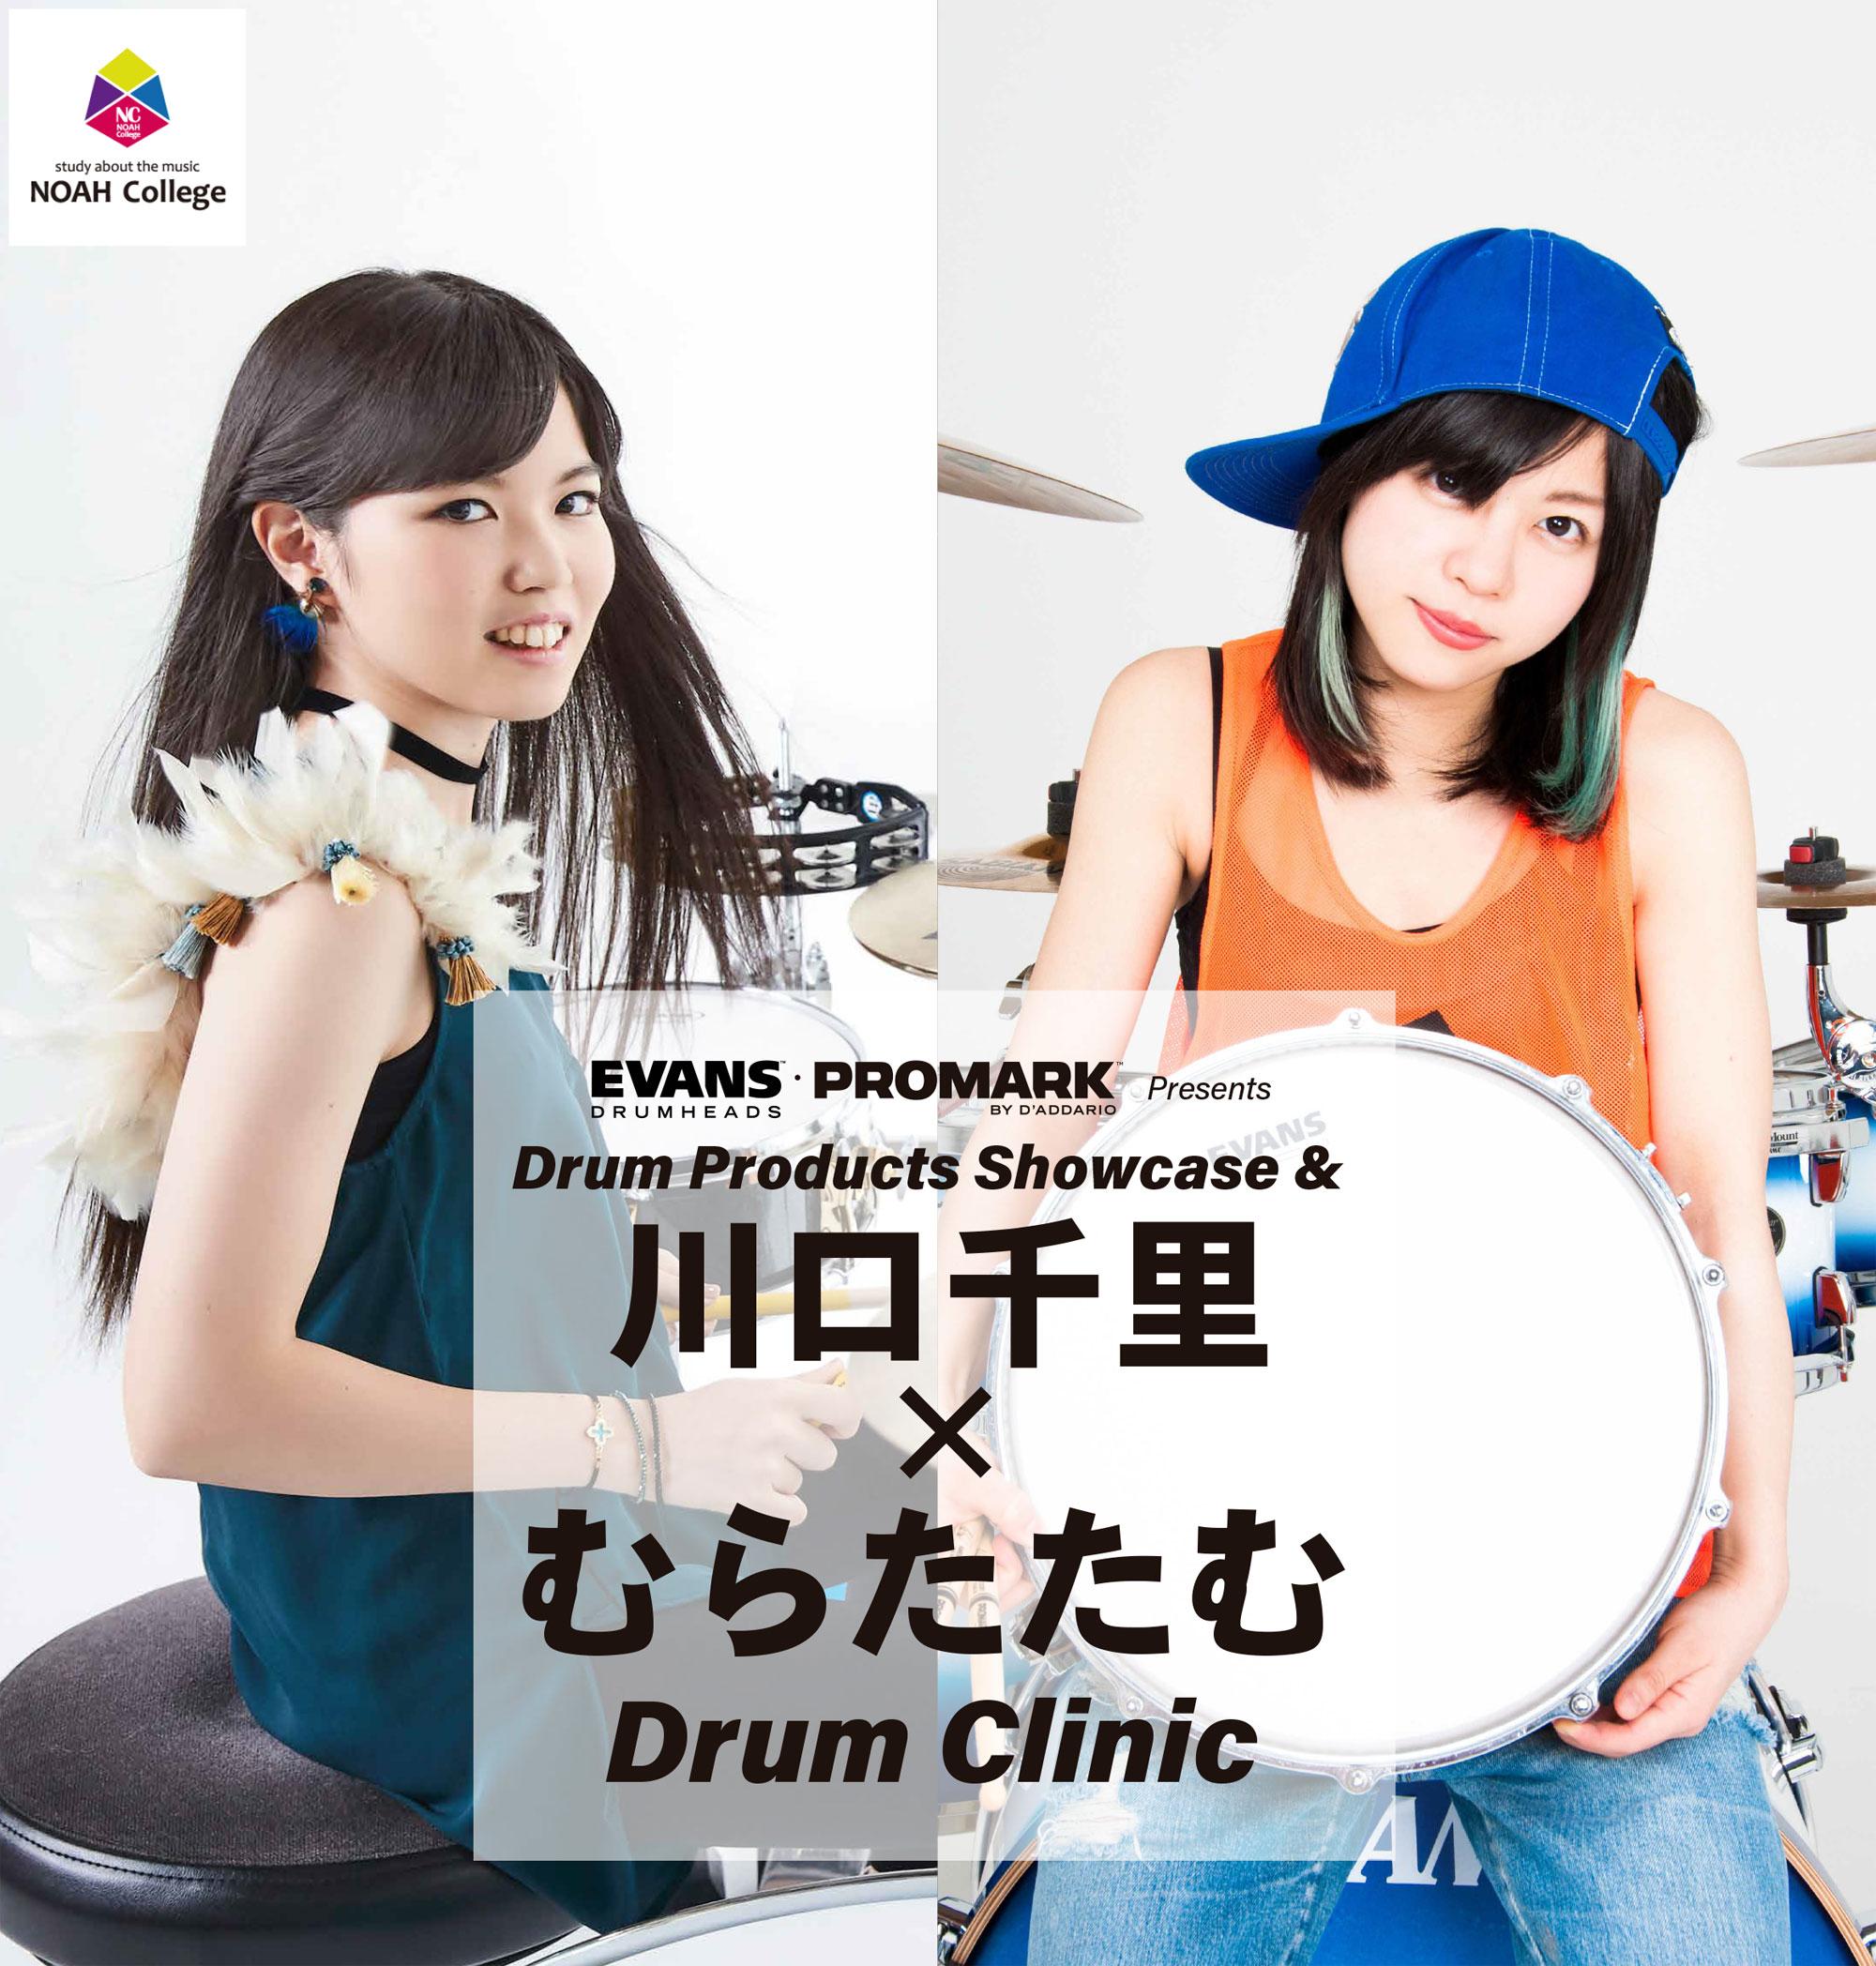 川口千里×むらたたむ Drum Clinic